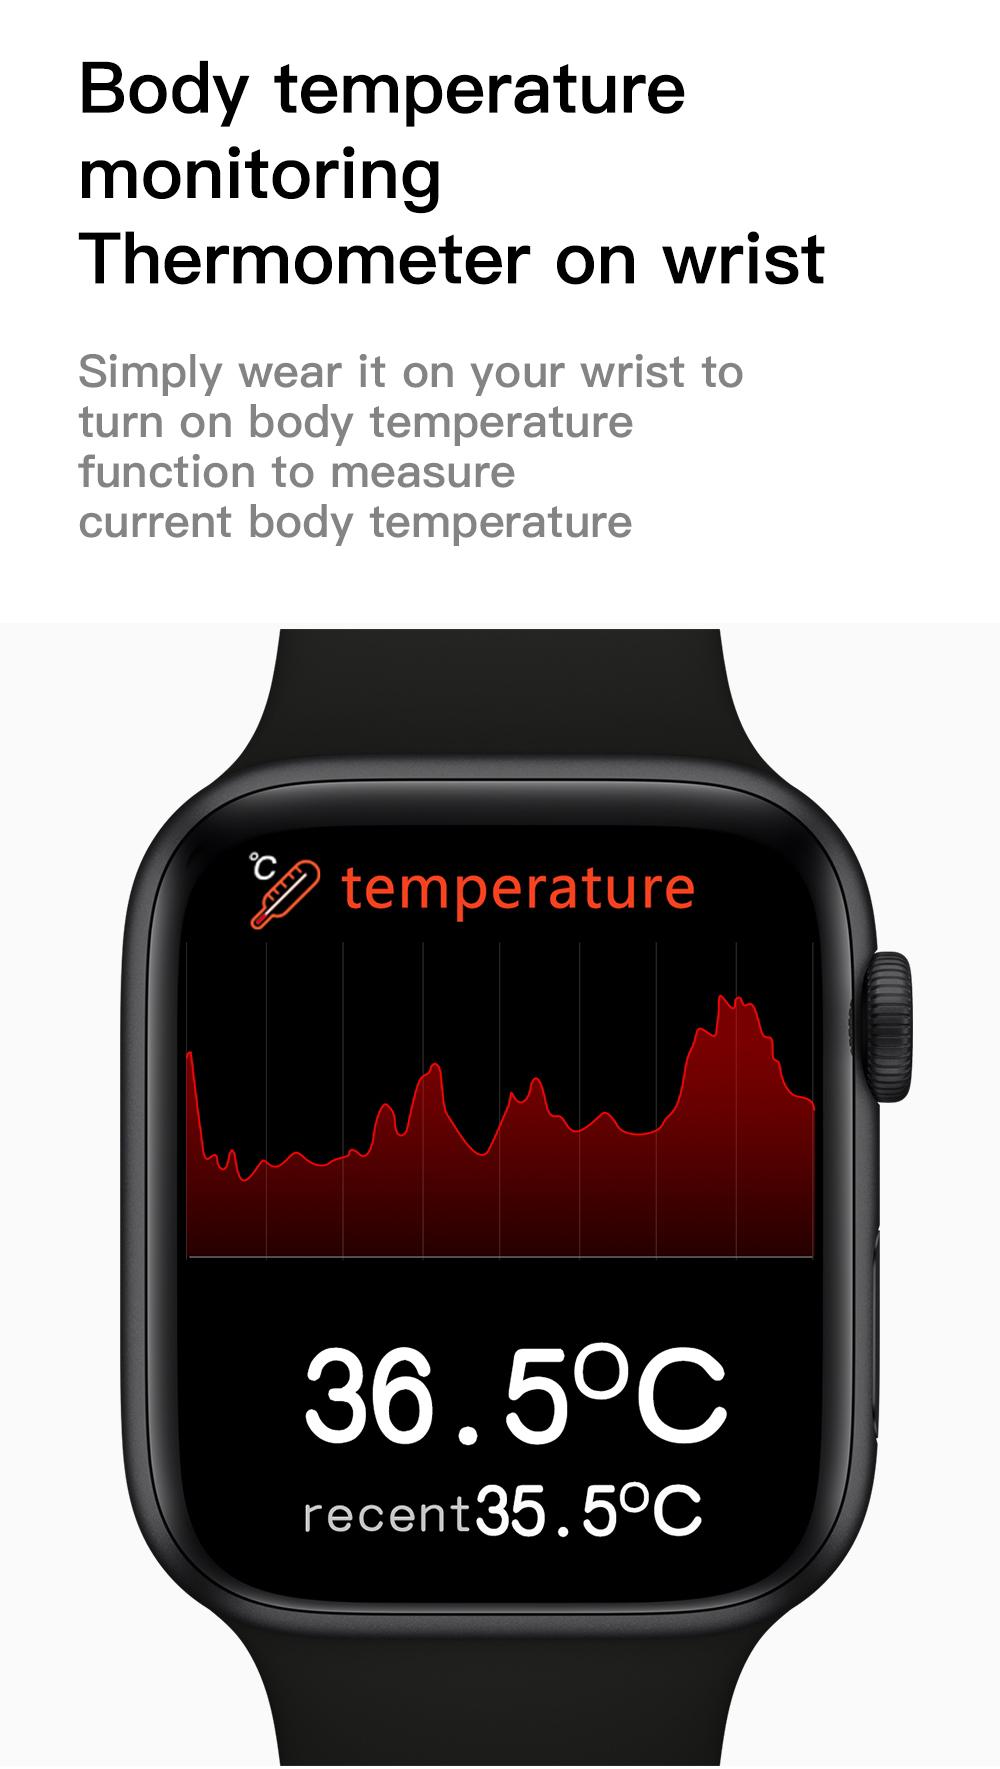 W56 Smart Watch Description-14